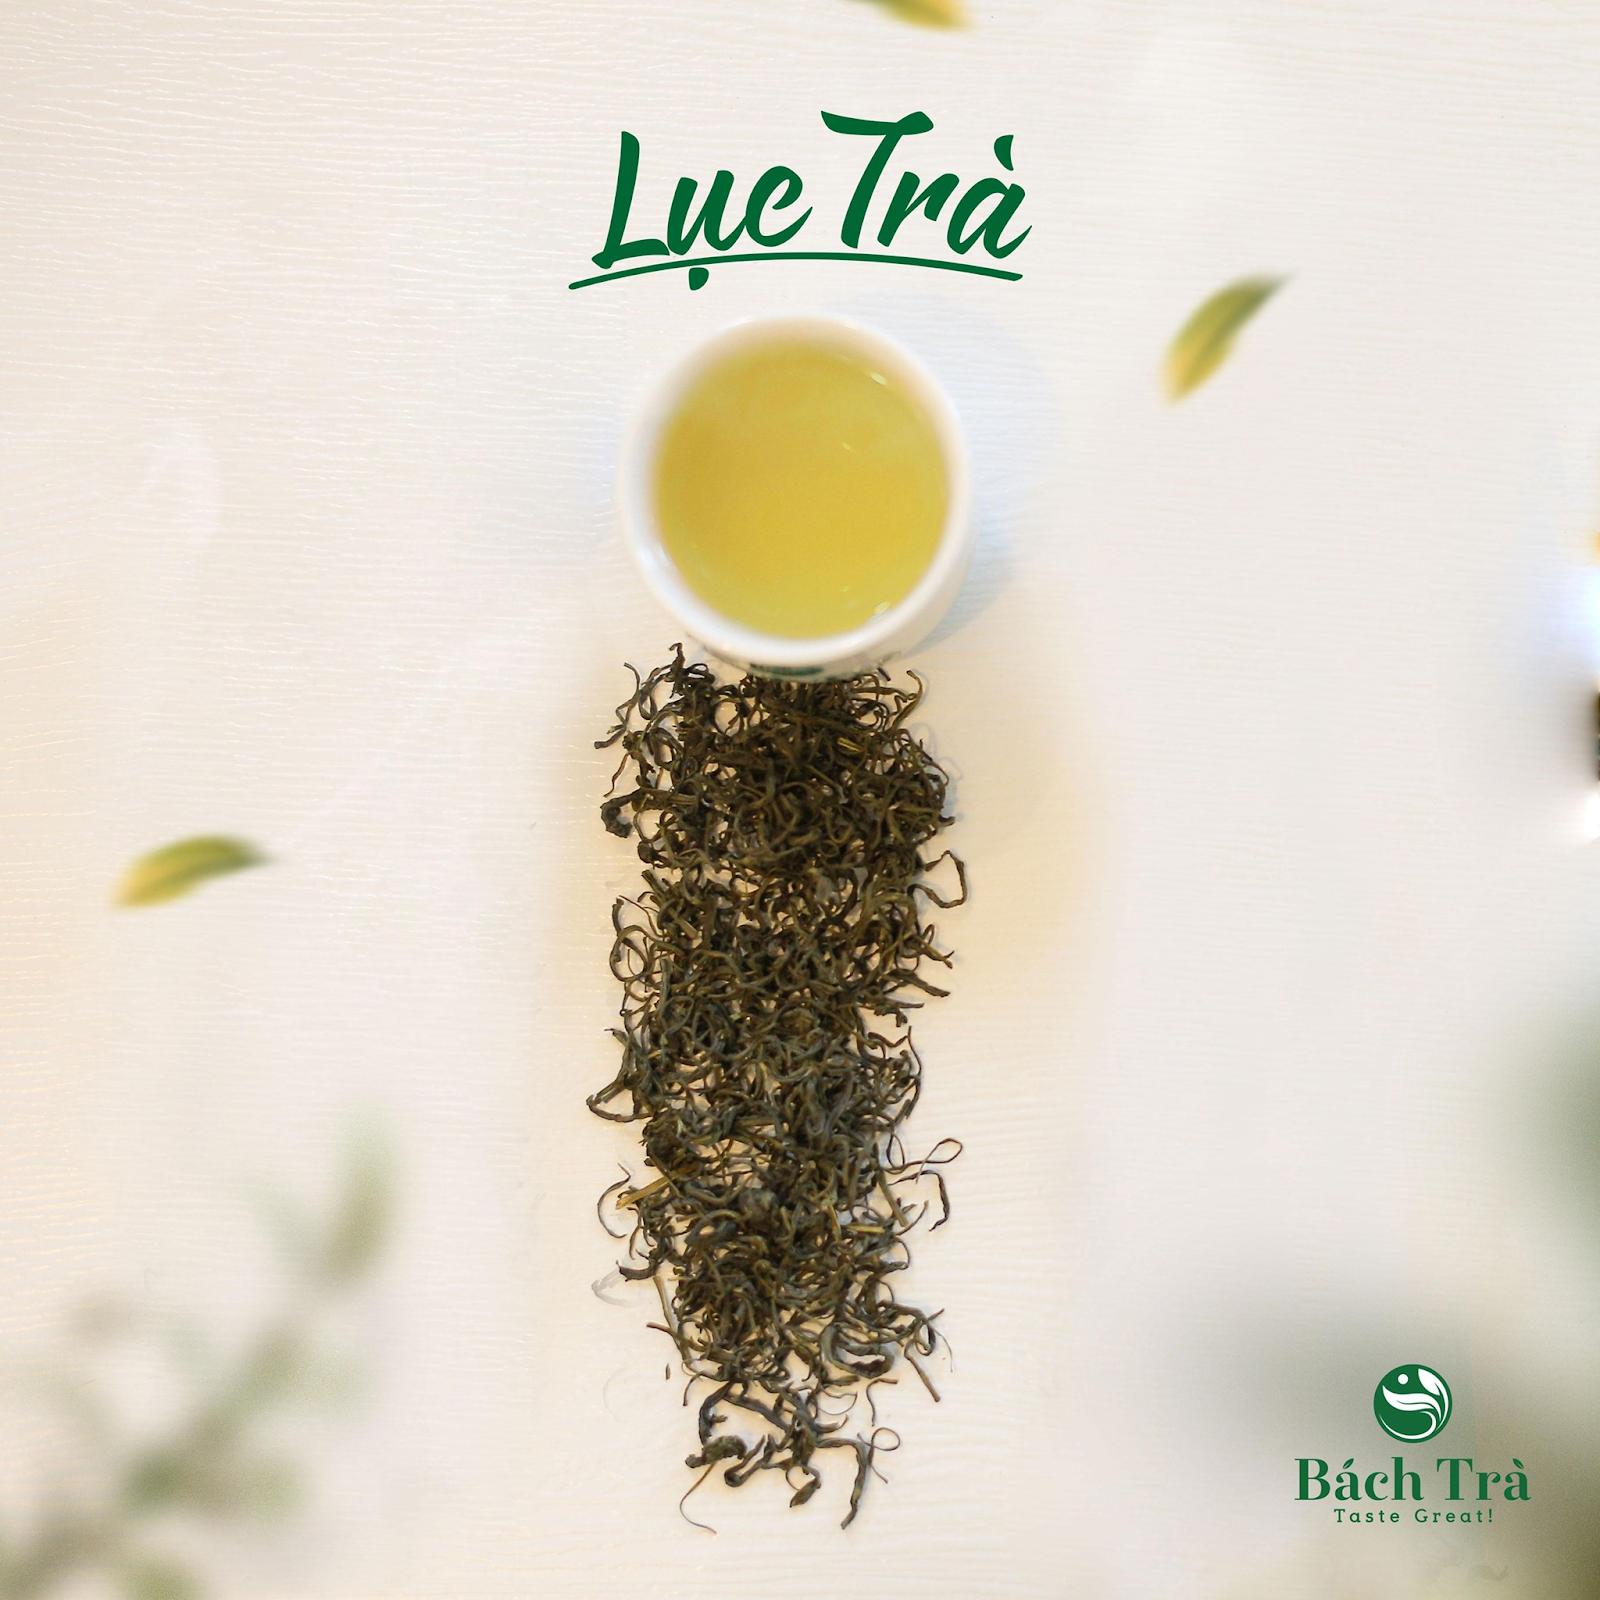 (Lục Trà là loại trà phổ biến nhất ở Việt Nam)